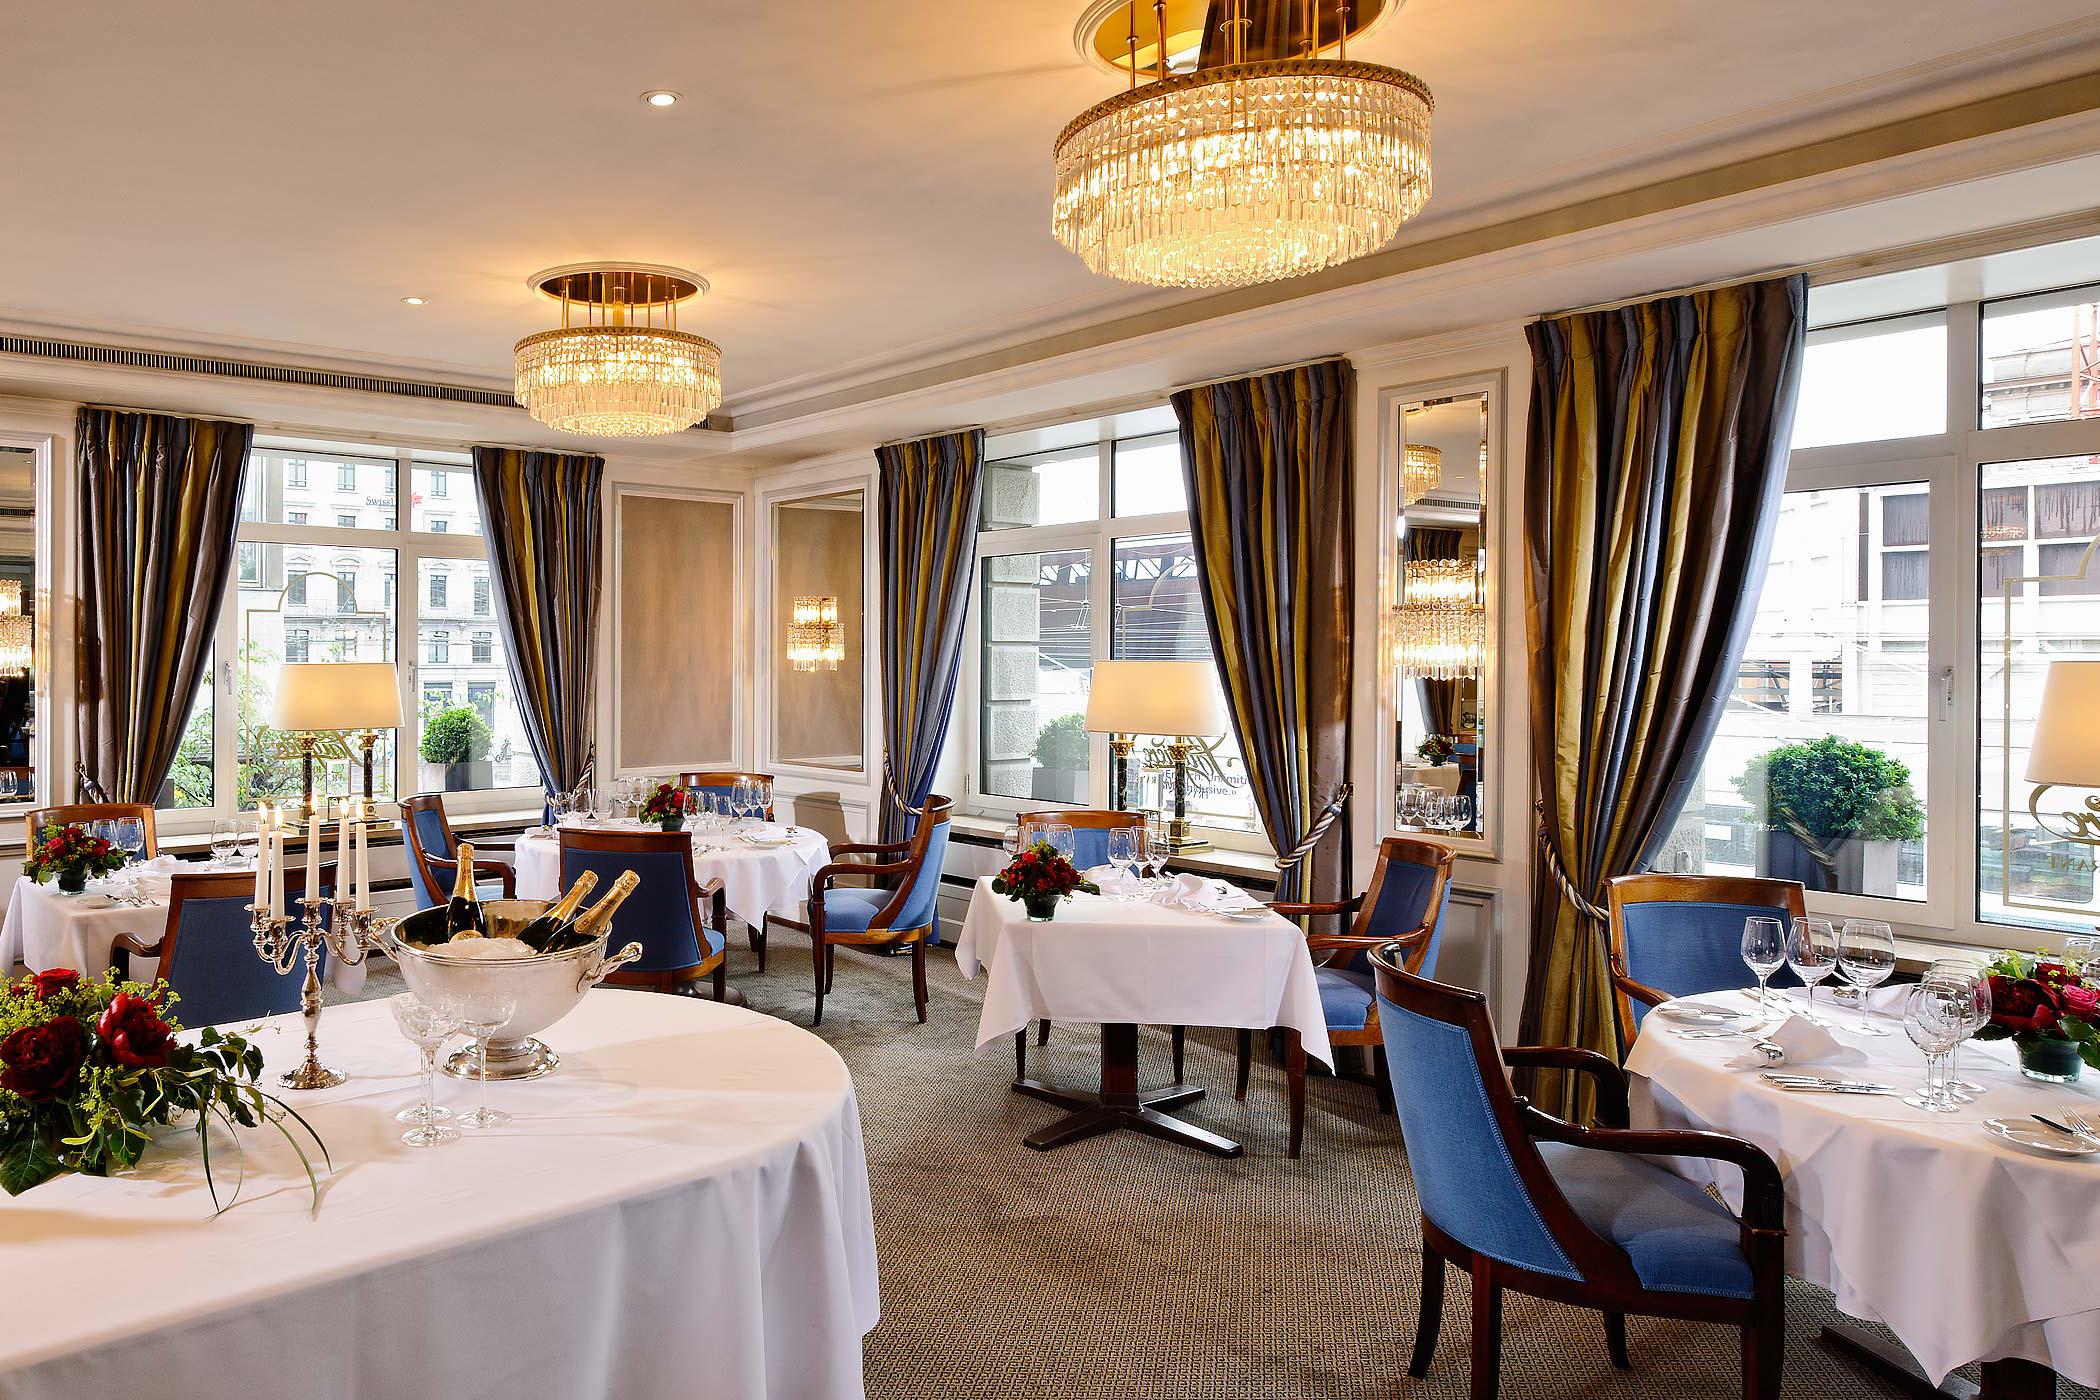 fotografie hotel restaurant hotel schweizerhof zürich